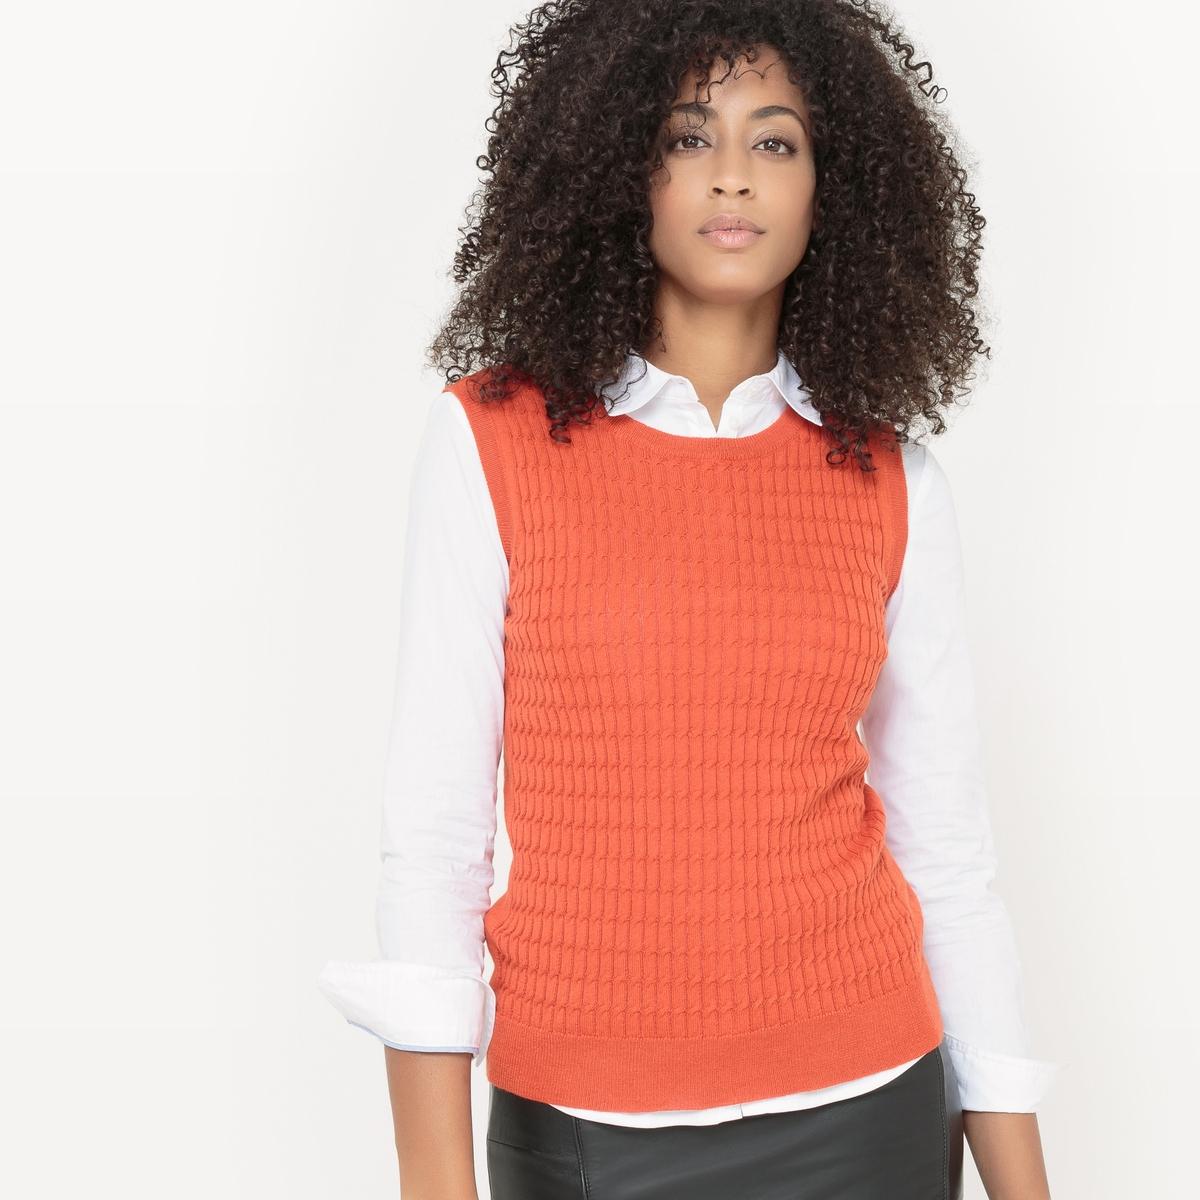 Пуловер без рукавовСостав и опианиеМатериал: трикотаж, 60% хлопка, 40% полиэстера.Длина: 56 см.Марка: R ?dition  УходМашинная стирка при 30° с одеждой подобных цветов.Стирать и гладить с изнанки.<br><br>Цвет: оранжевый<br>Размер: 42/44 (FR) - 48/50 (RUS)